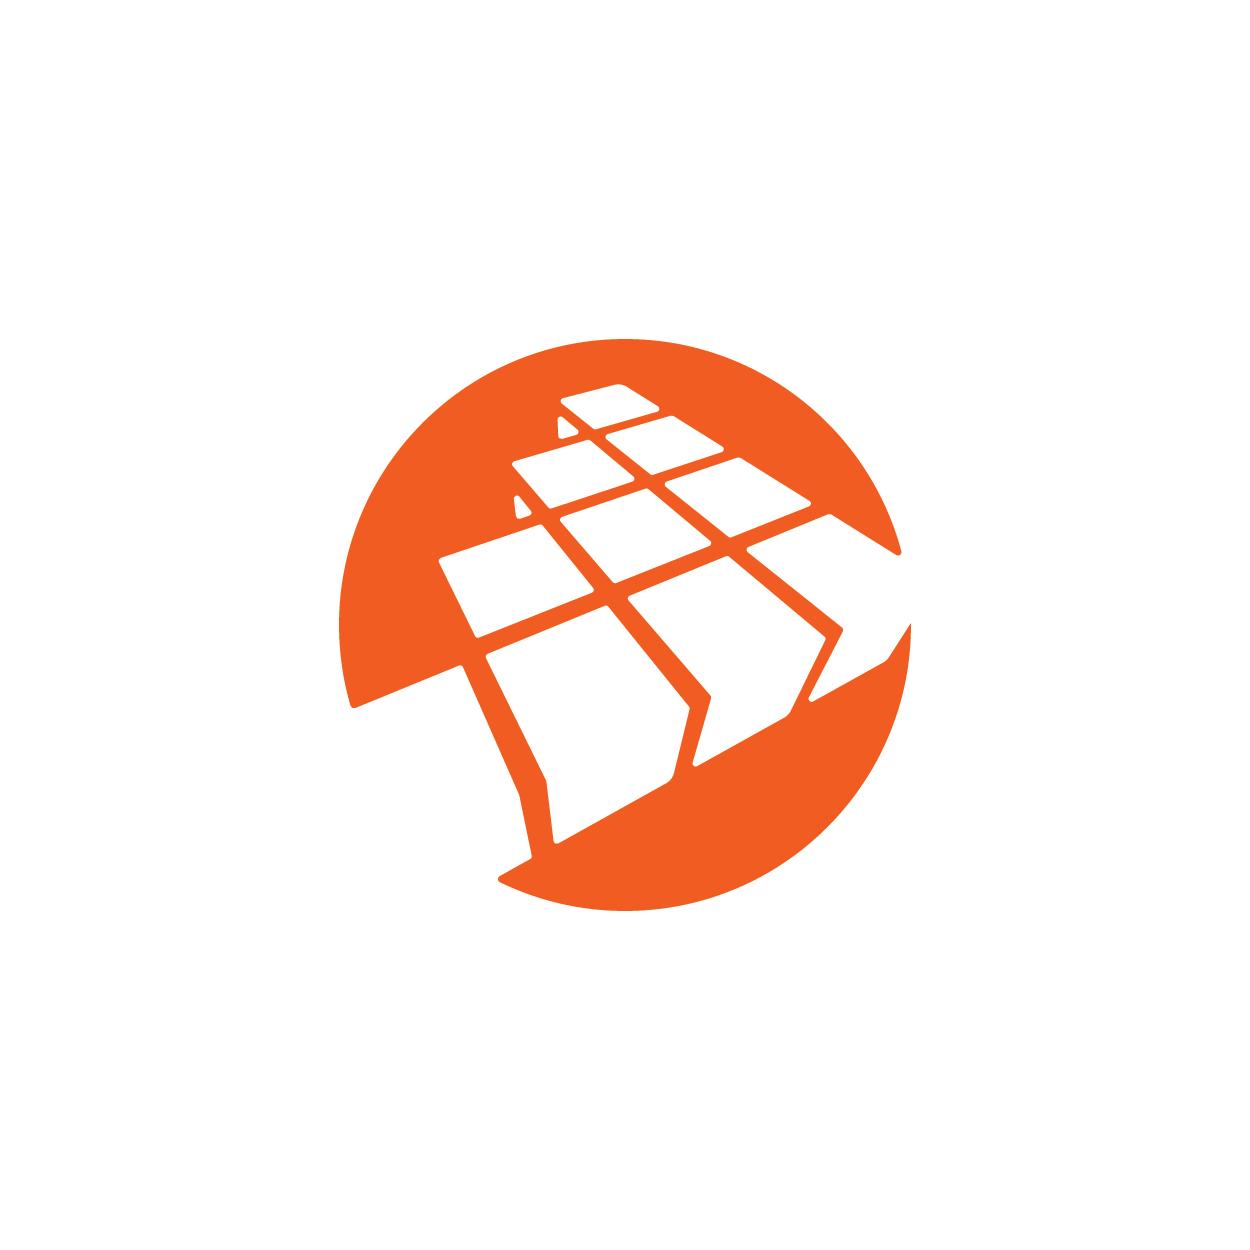 Pix-l Graphx on LogoLounge